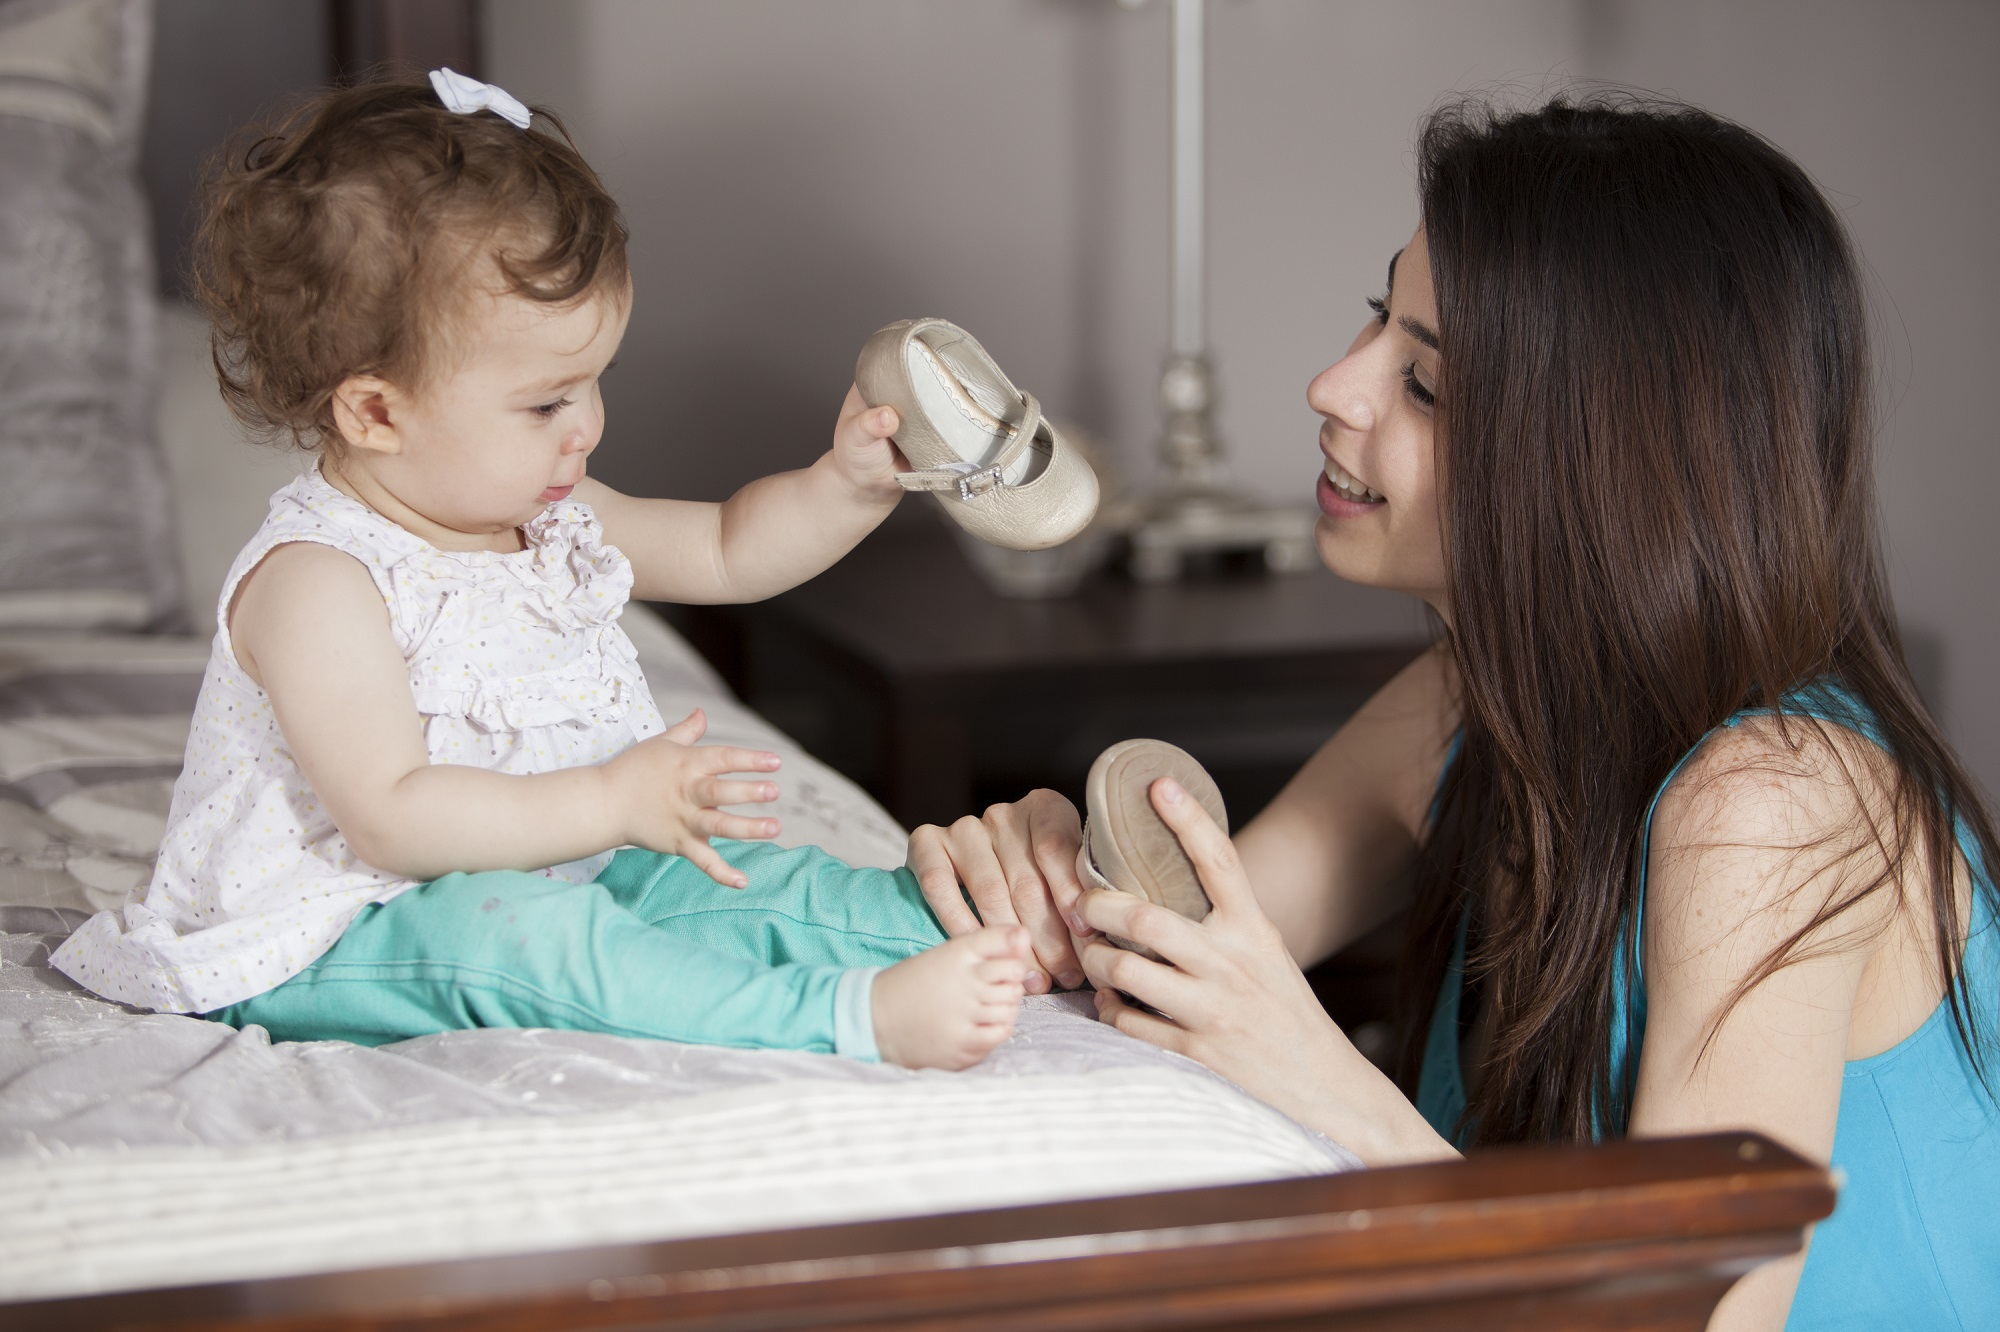 Como cuidar de um bebe: 5 dicas